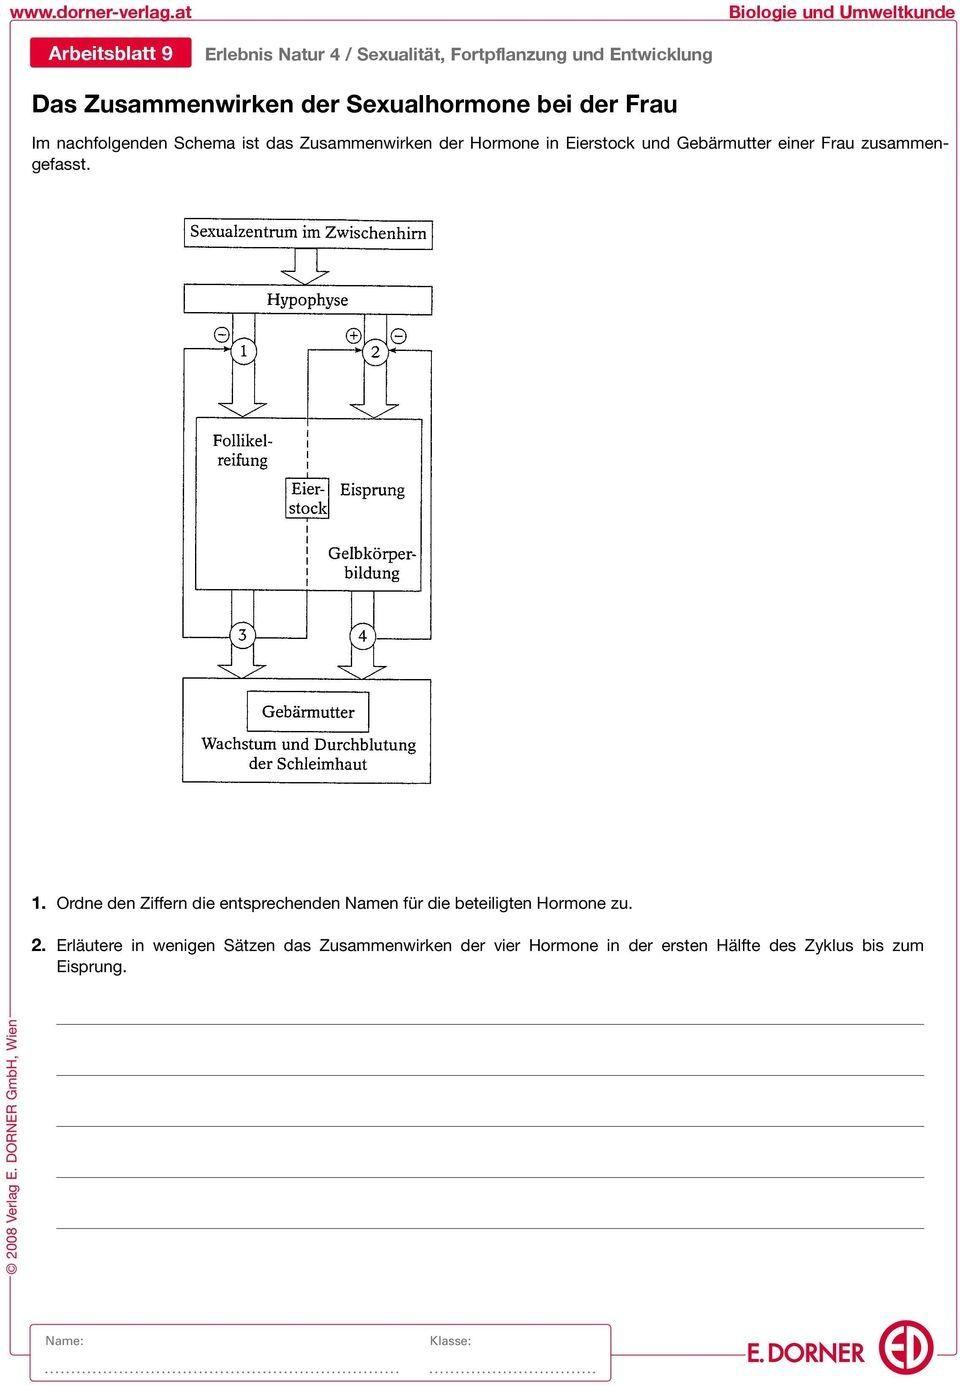 25 Antwortschlüssel Für Den Fotosynthese Arbeitsblatt | Bathroom ...